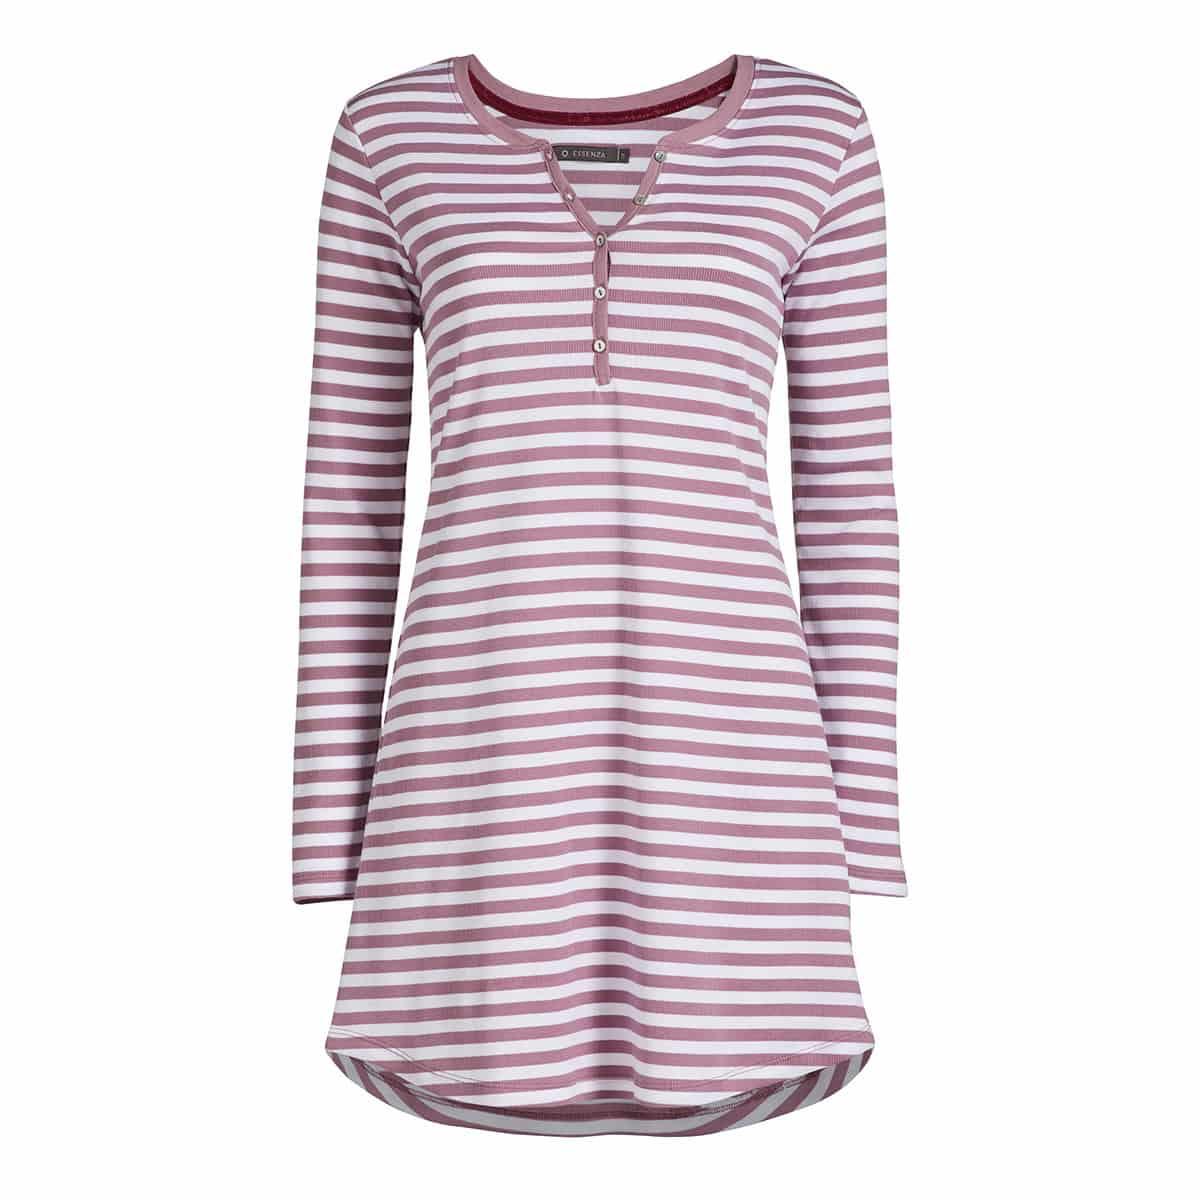 c071be6a0d Damen Nachthemd Langarm Baumwolle Preisvergleich • Die besten ...